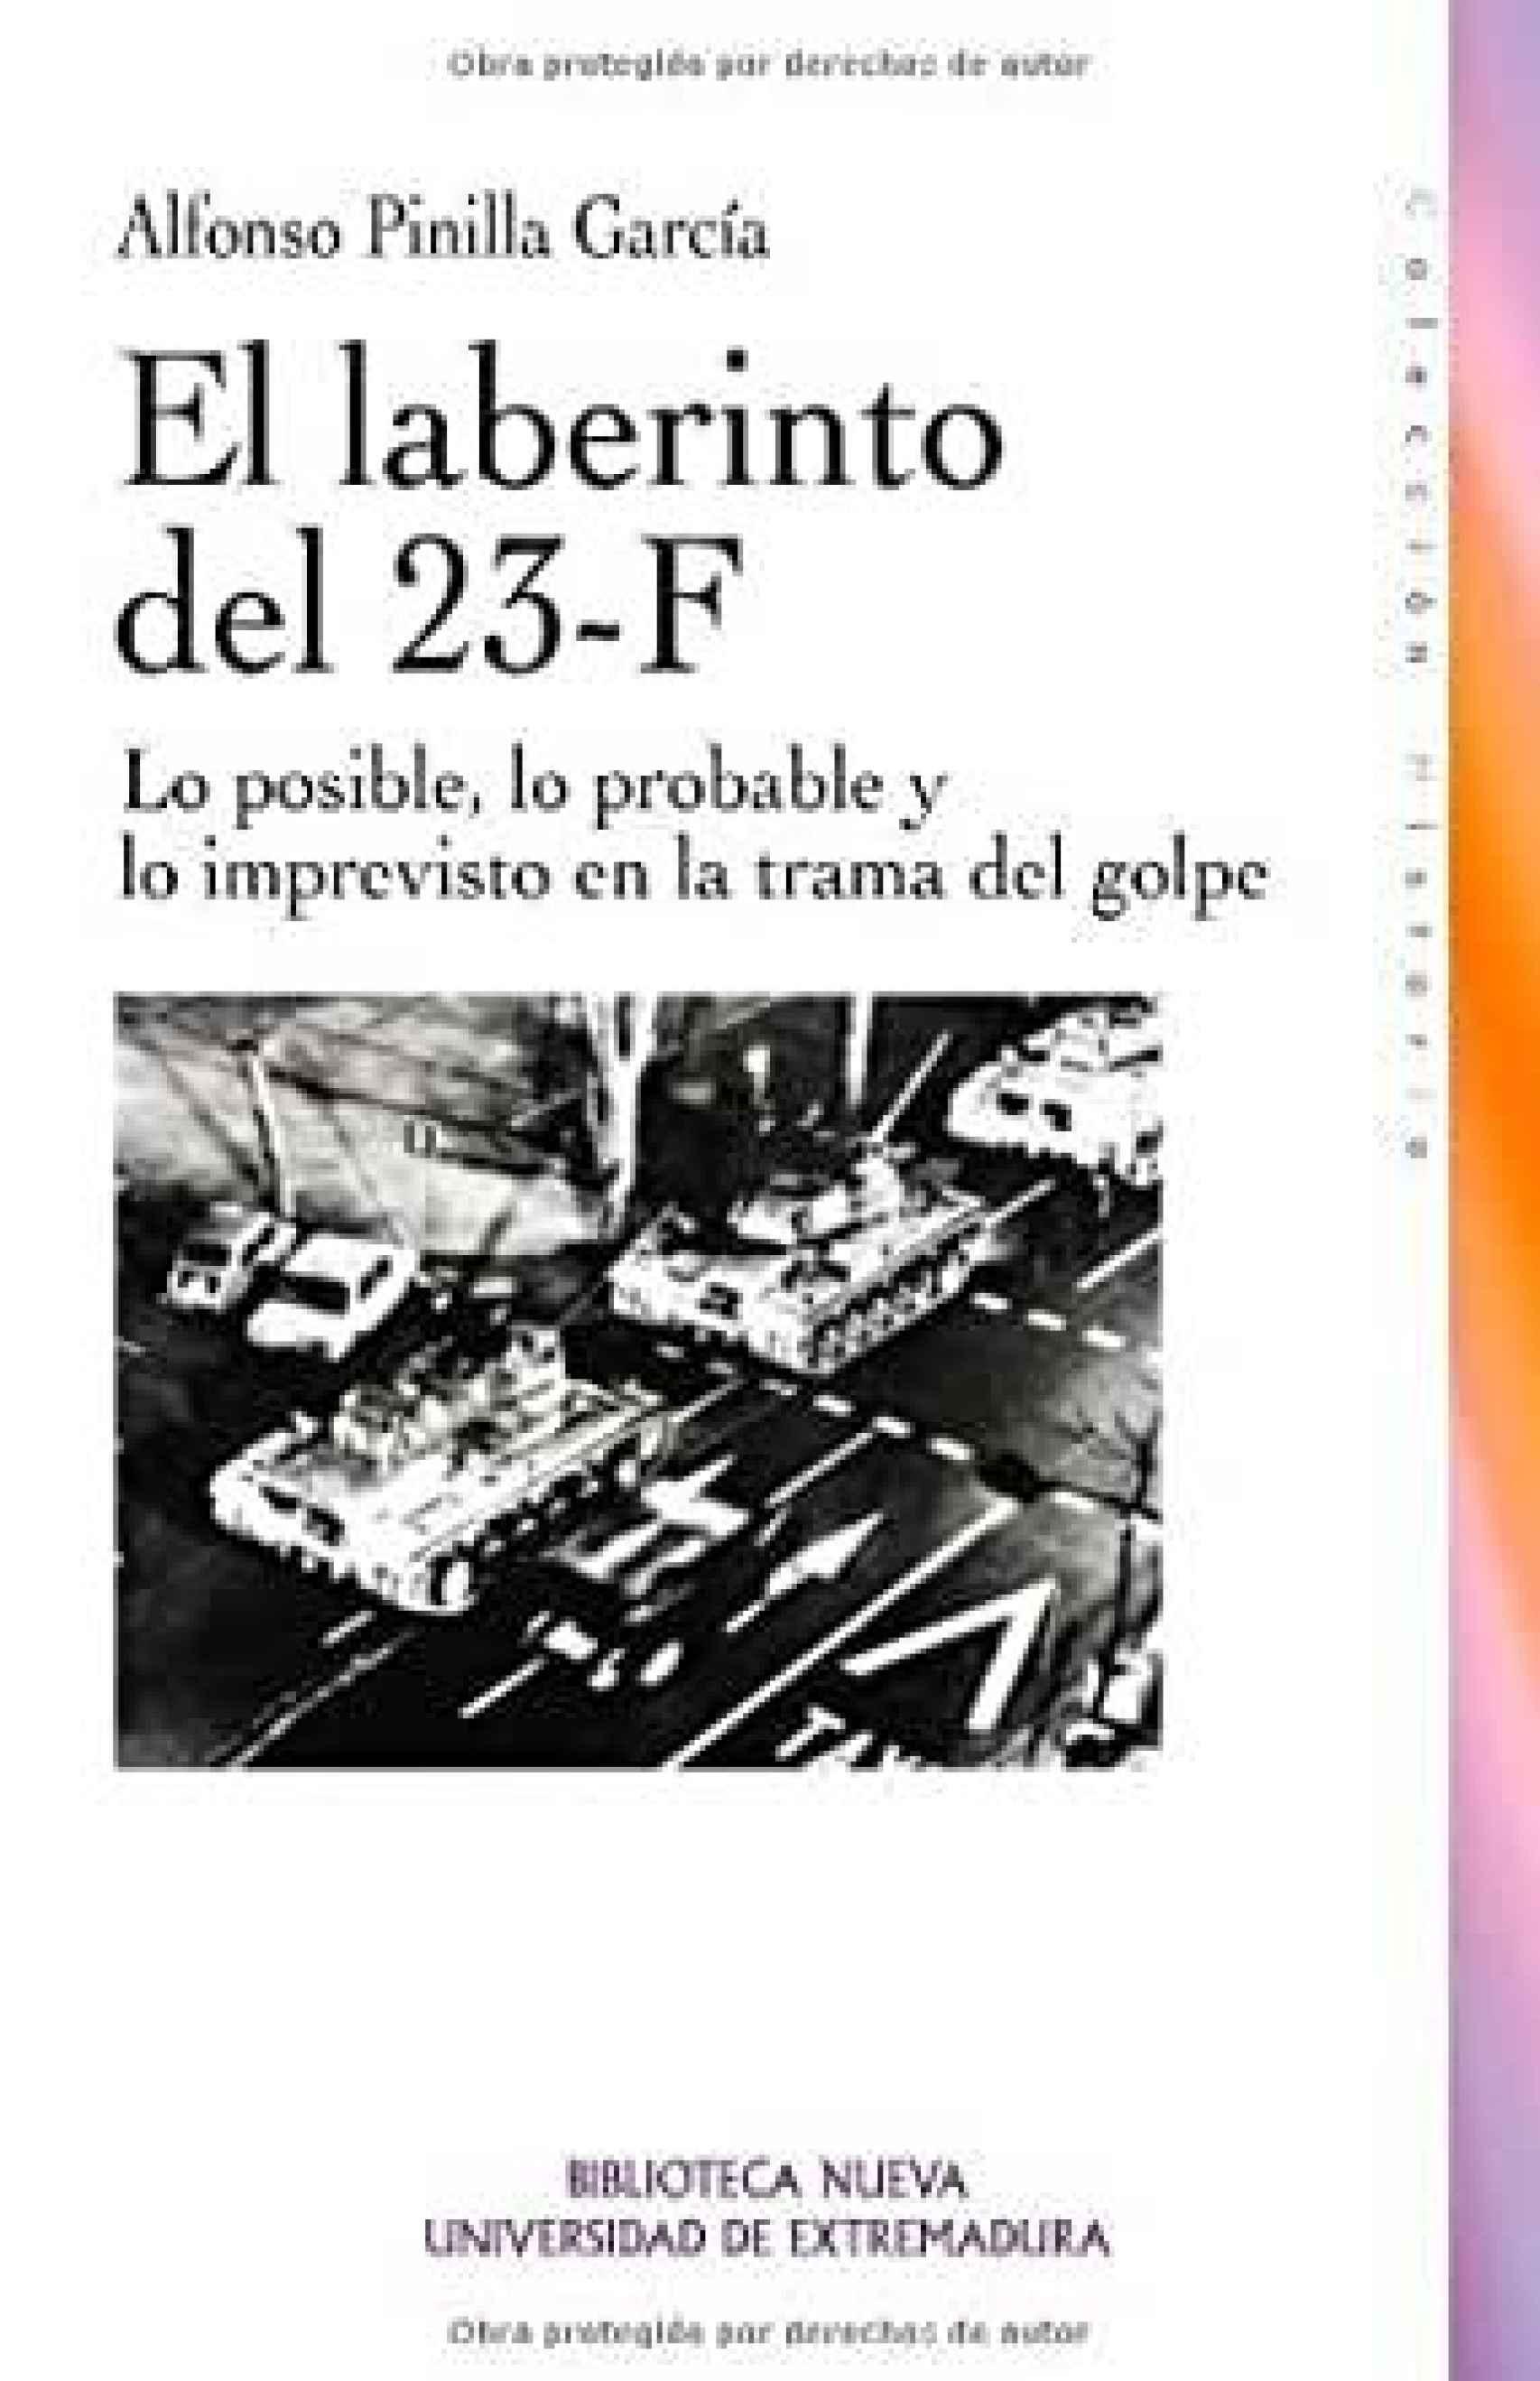 Cover of 'El laberinto del 23-F'.